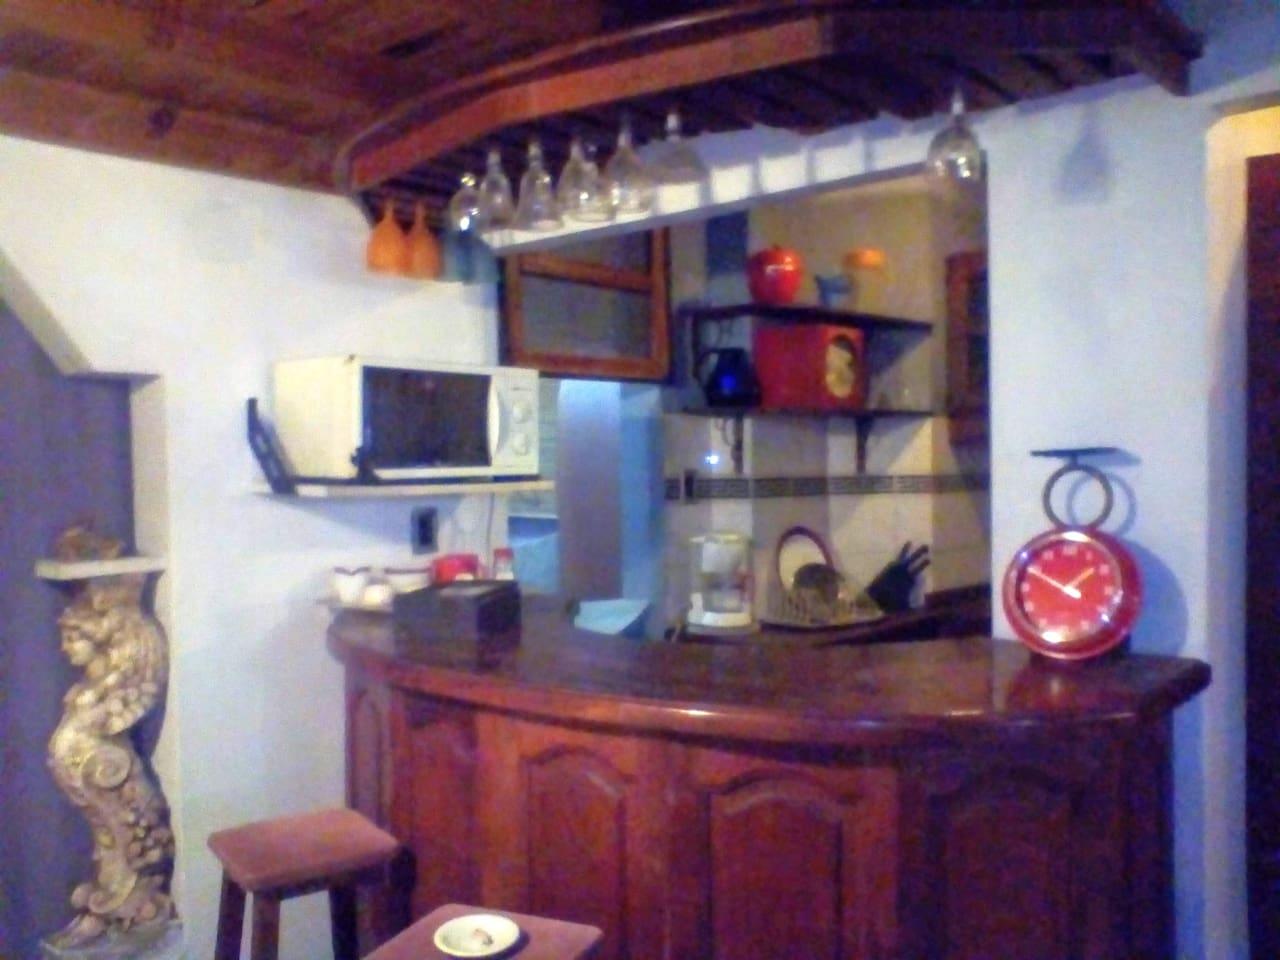 la barra separa la cocina de la mesa comedor, con dos taburetes , y un cuelga-copas , microondas , cafetera eléctrica y tostadora